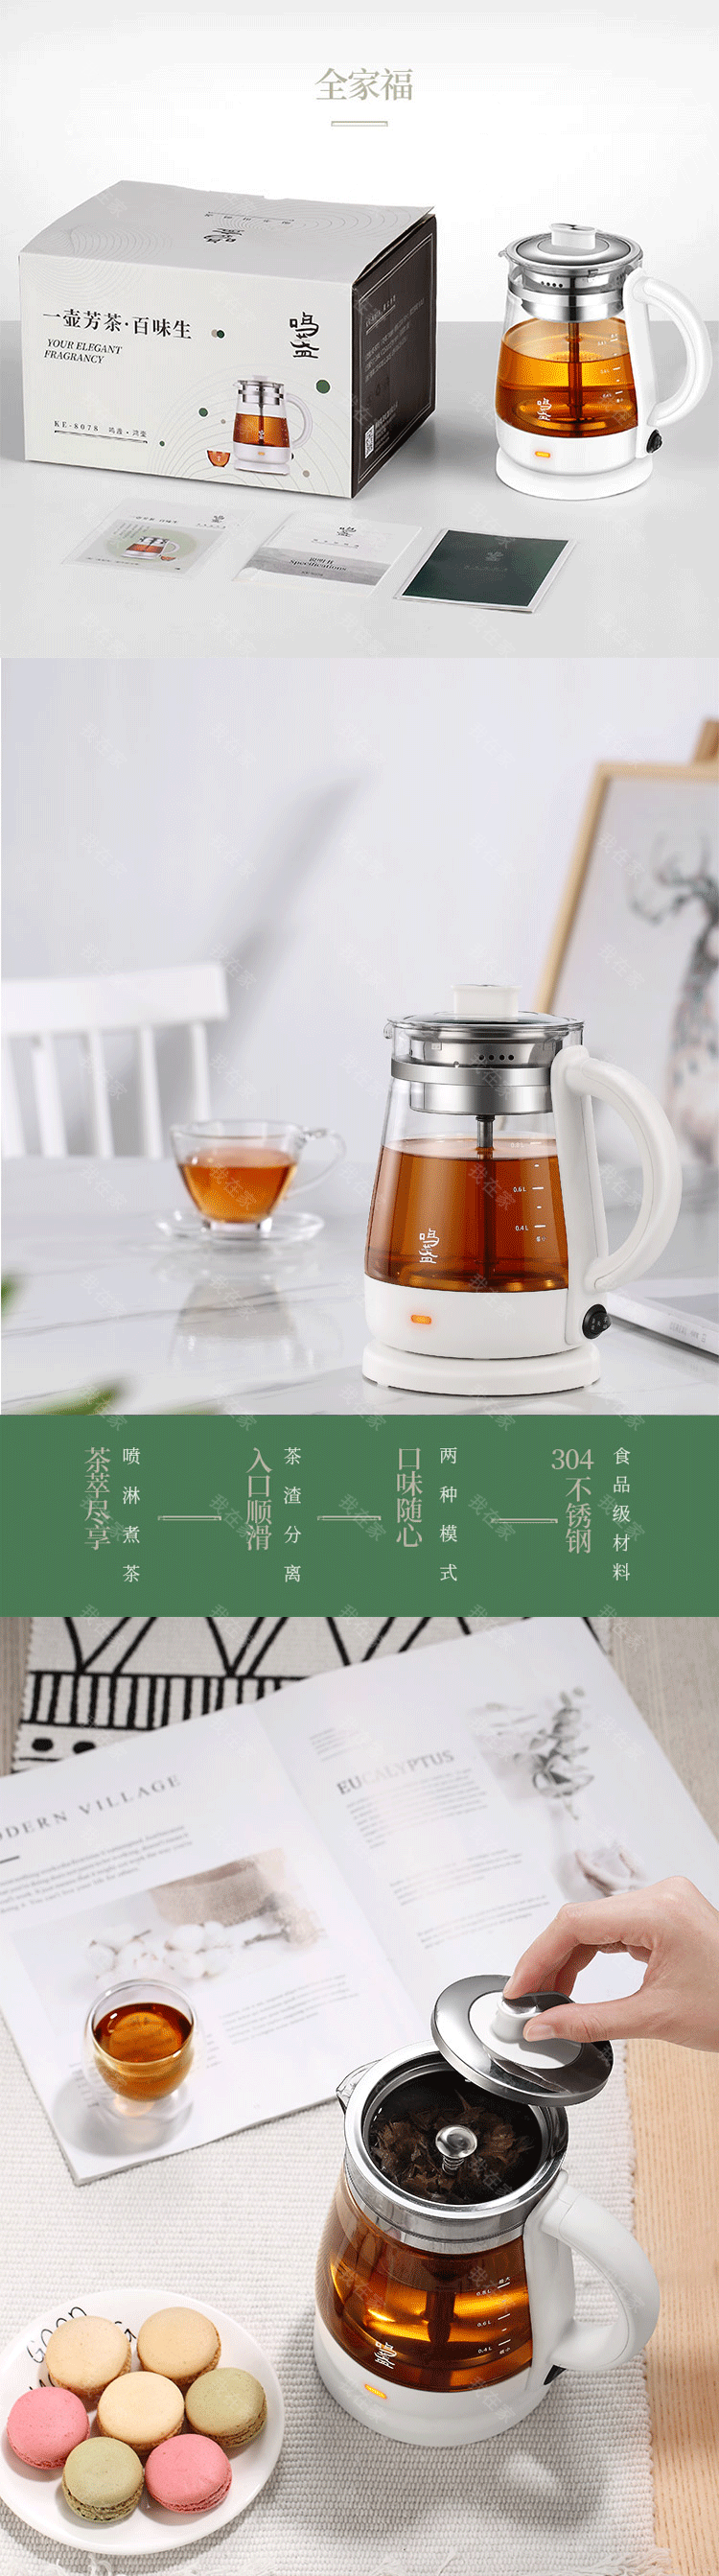 鸣盏品牌鸣盏喷淋式煮茶器养生壶的详细介绍